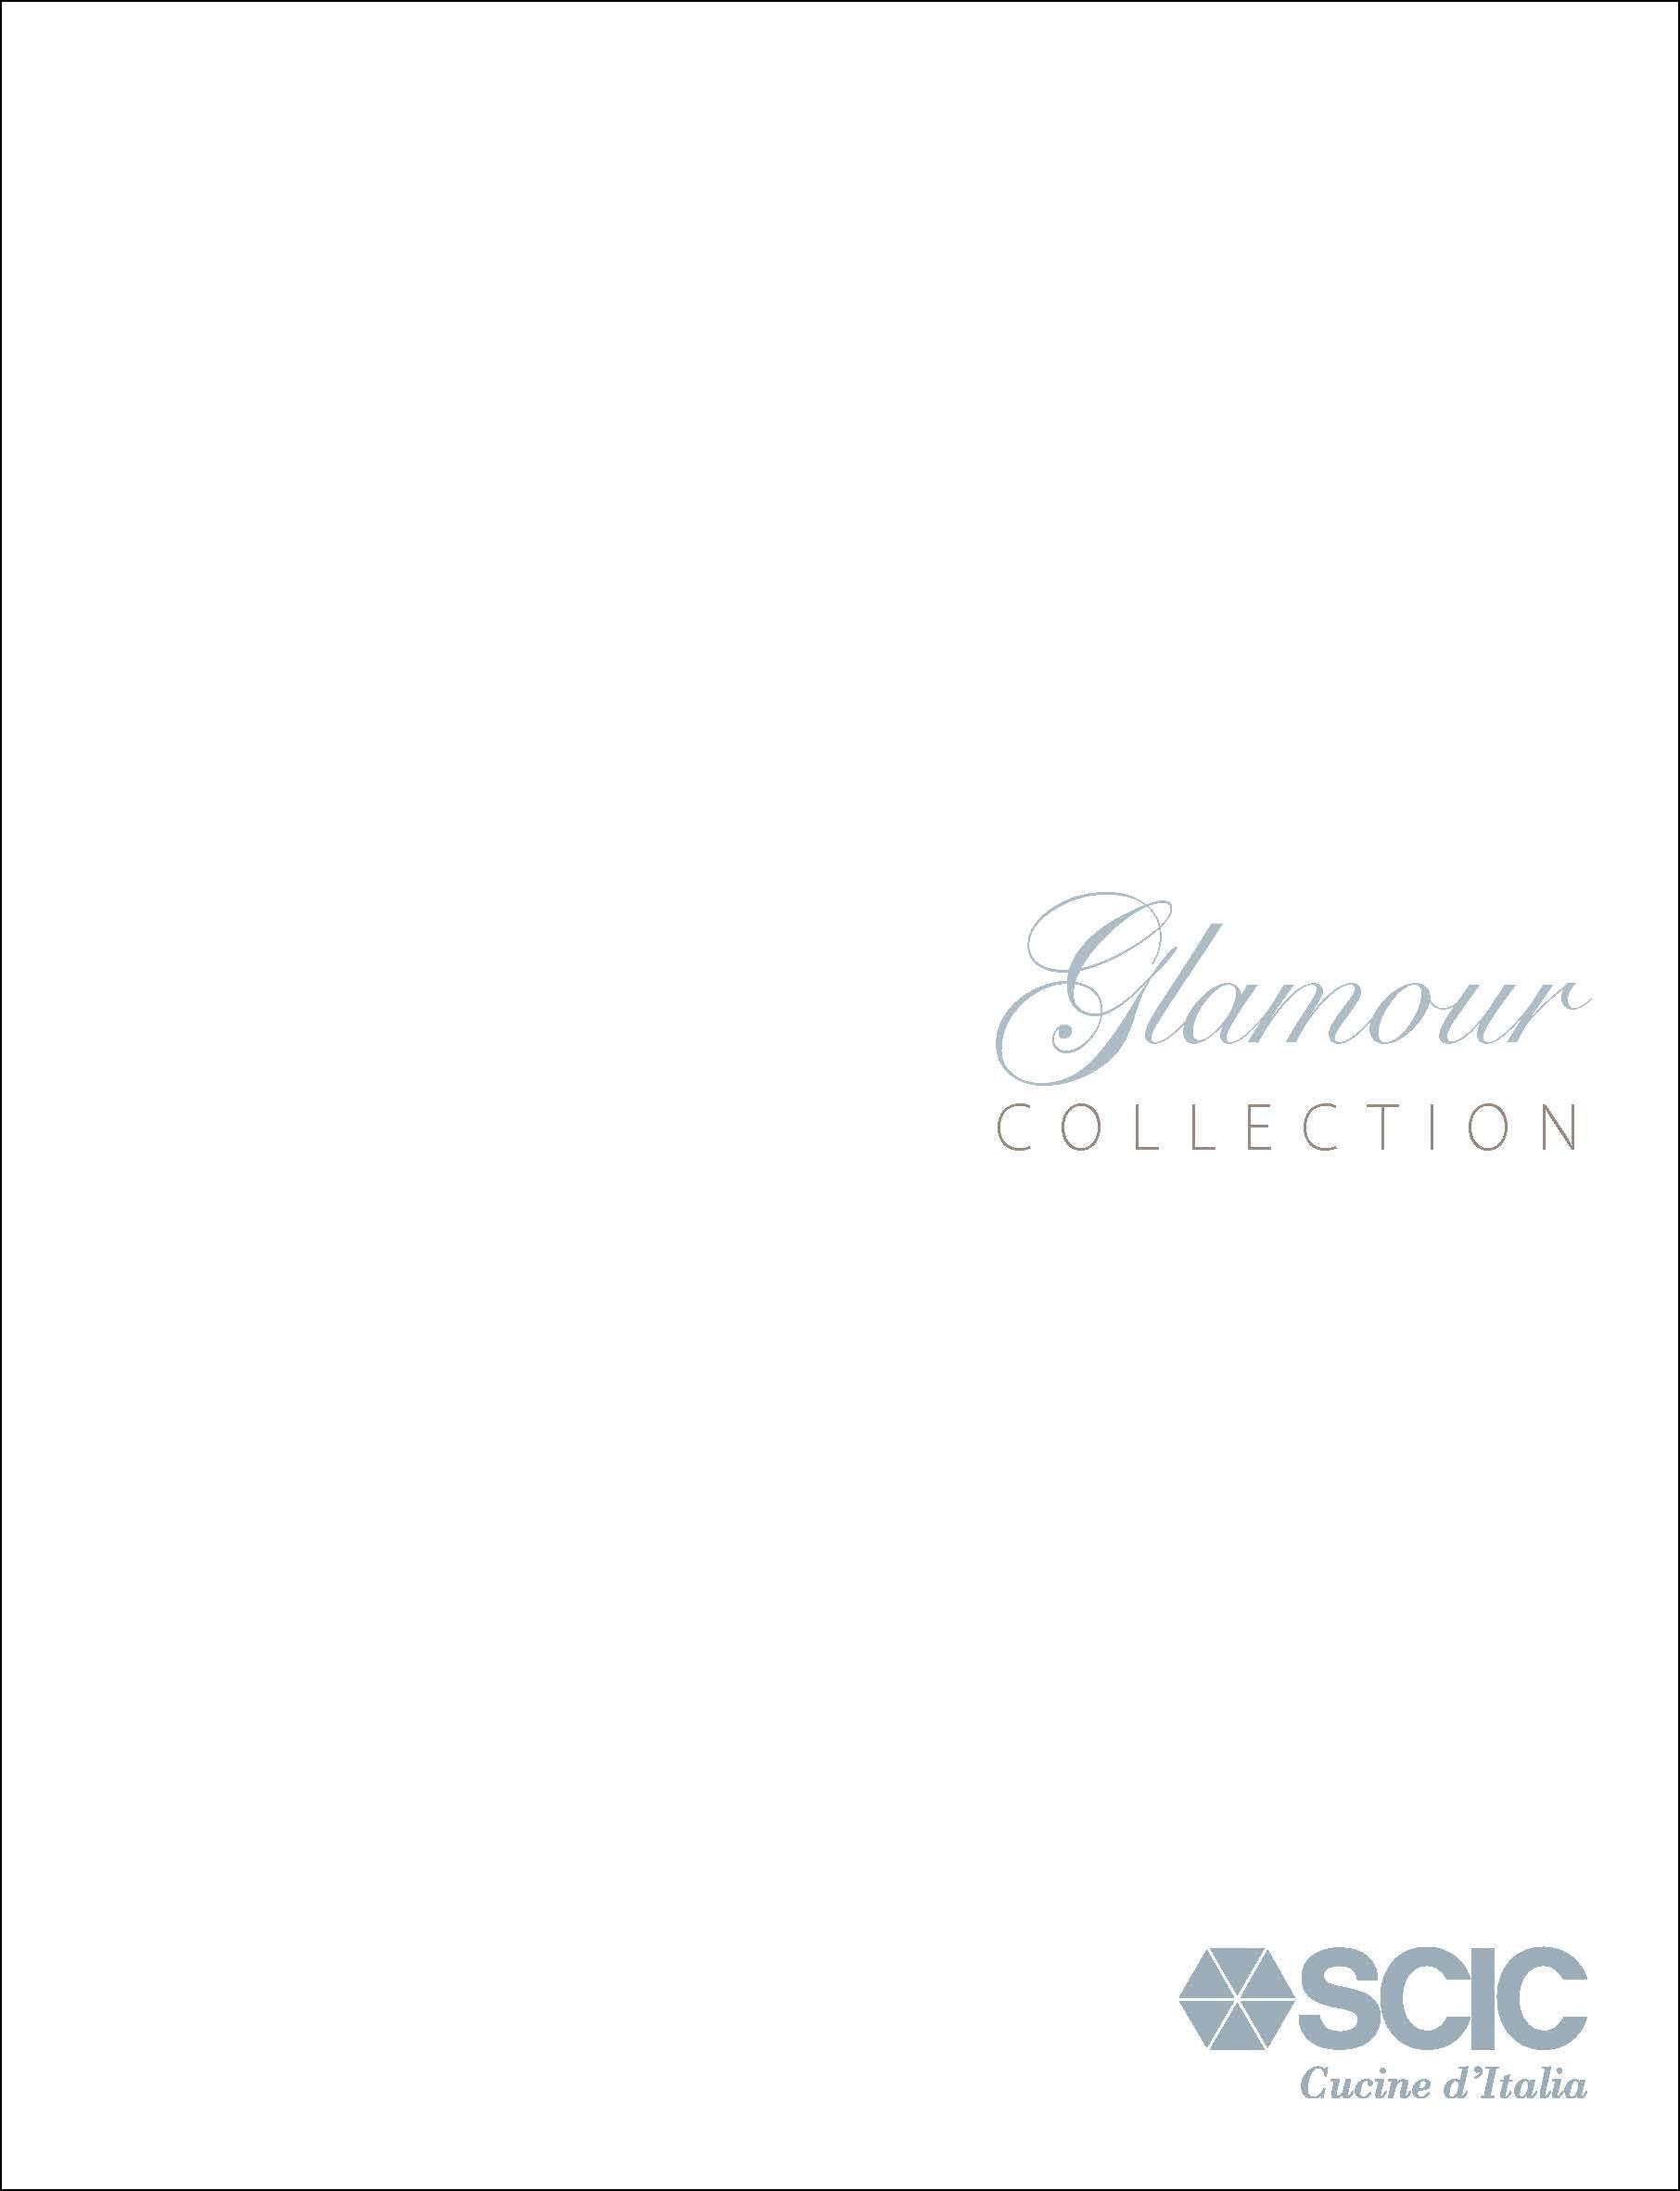 10_Collezione-Glamour